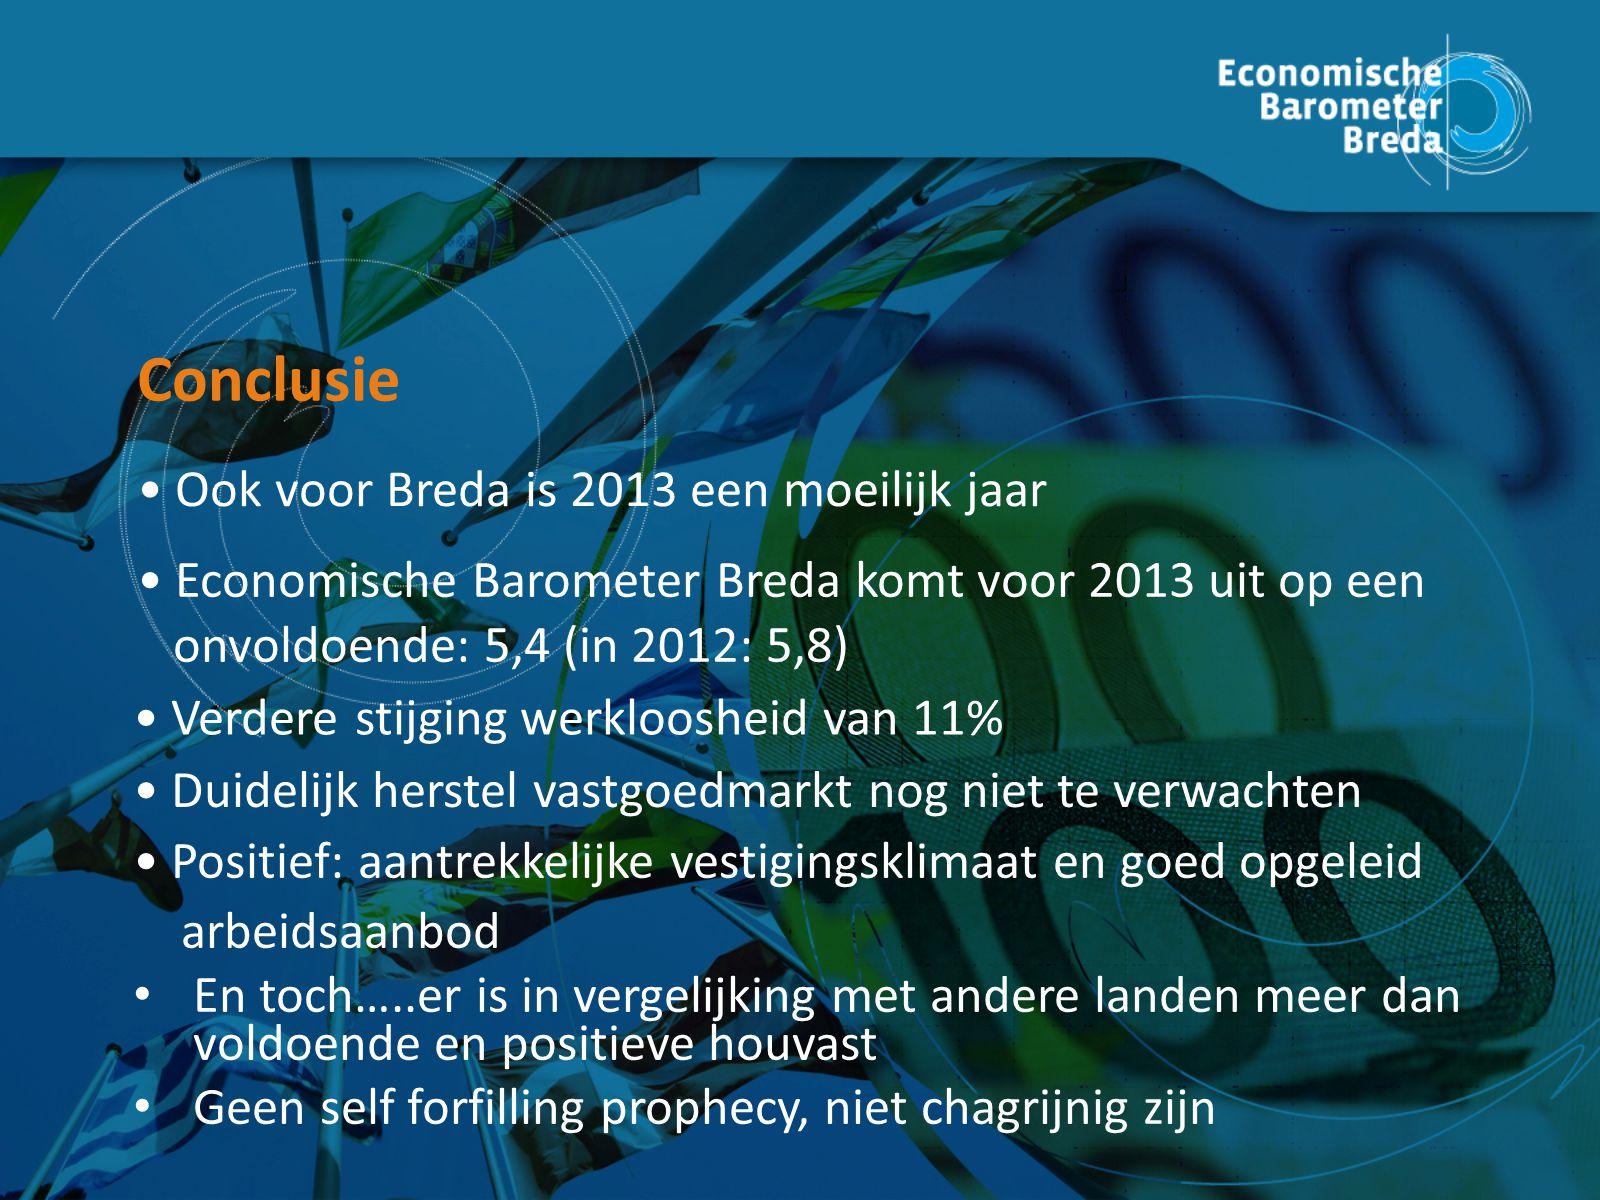 Conclusie Economische Barometer Breda komt voor 2013 uit op een onvoldoende: 5,4 (in 2012: 5,8) Ook voor Breda is 2013 een moeilijk jaar Verdere stijging werkloosheid van 11% Duidelijk herstel vastgoedmarkt nog niet te verwachten Positief: aantrekkelijke vestigingsklimaat en goed opgeleid arbeidsaanbod En toch…..er is in vergelijking met andere landen meer dan voldoende en positieve houvast Geen self forfilling prophecy, niet chagrijnig zijn